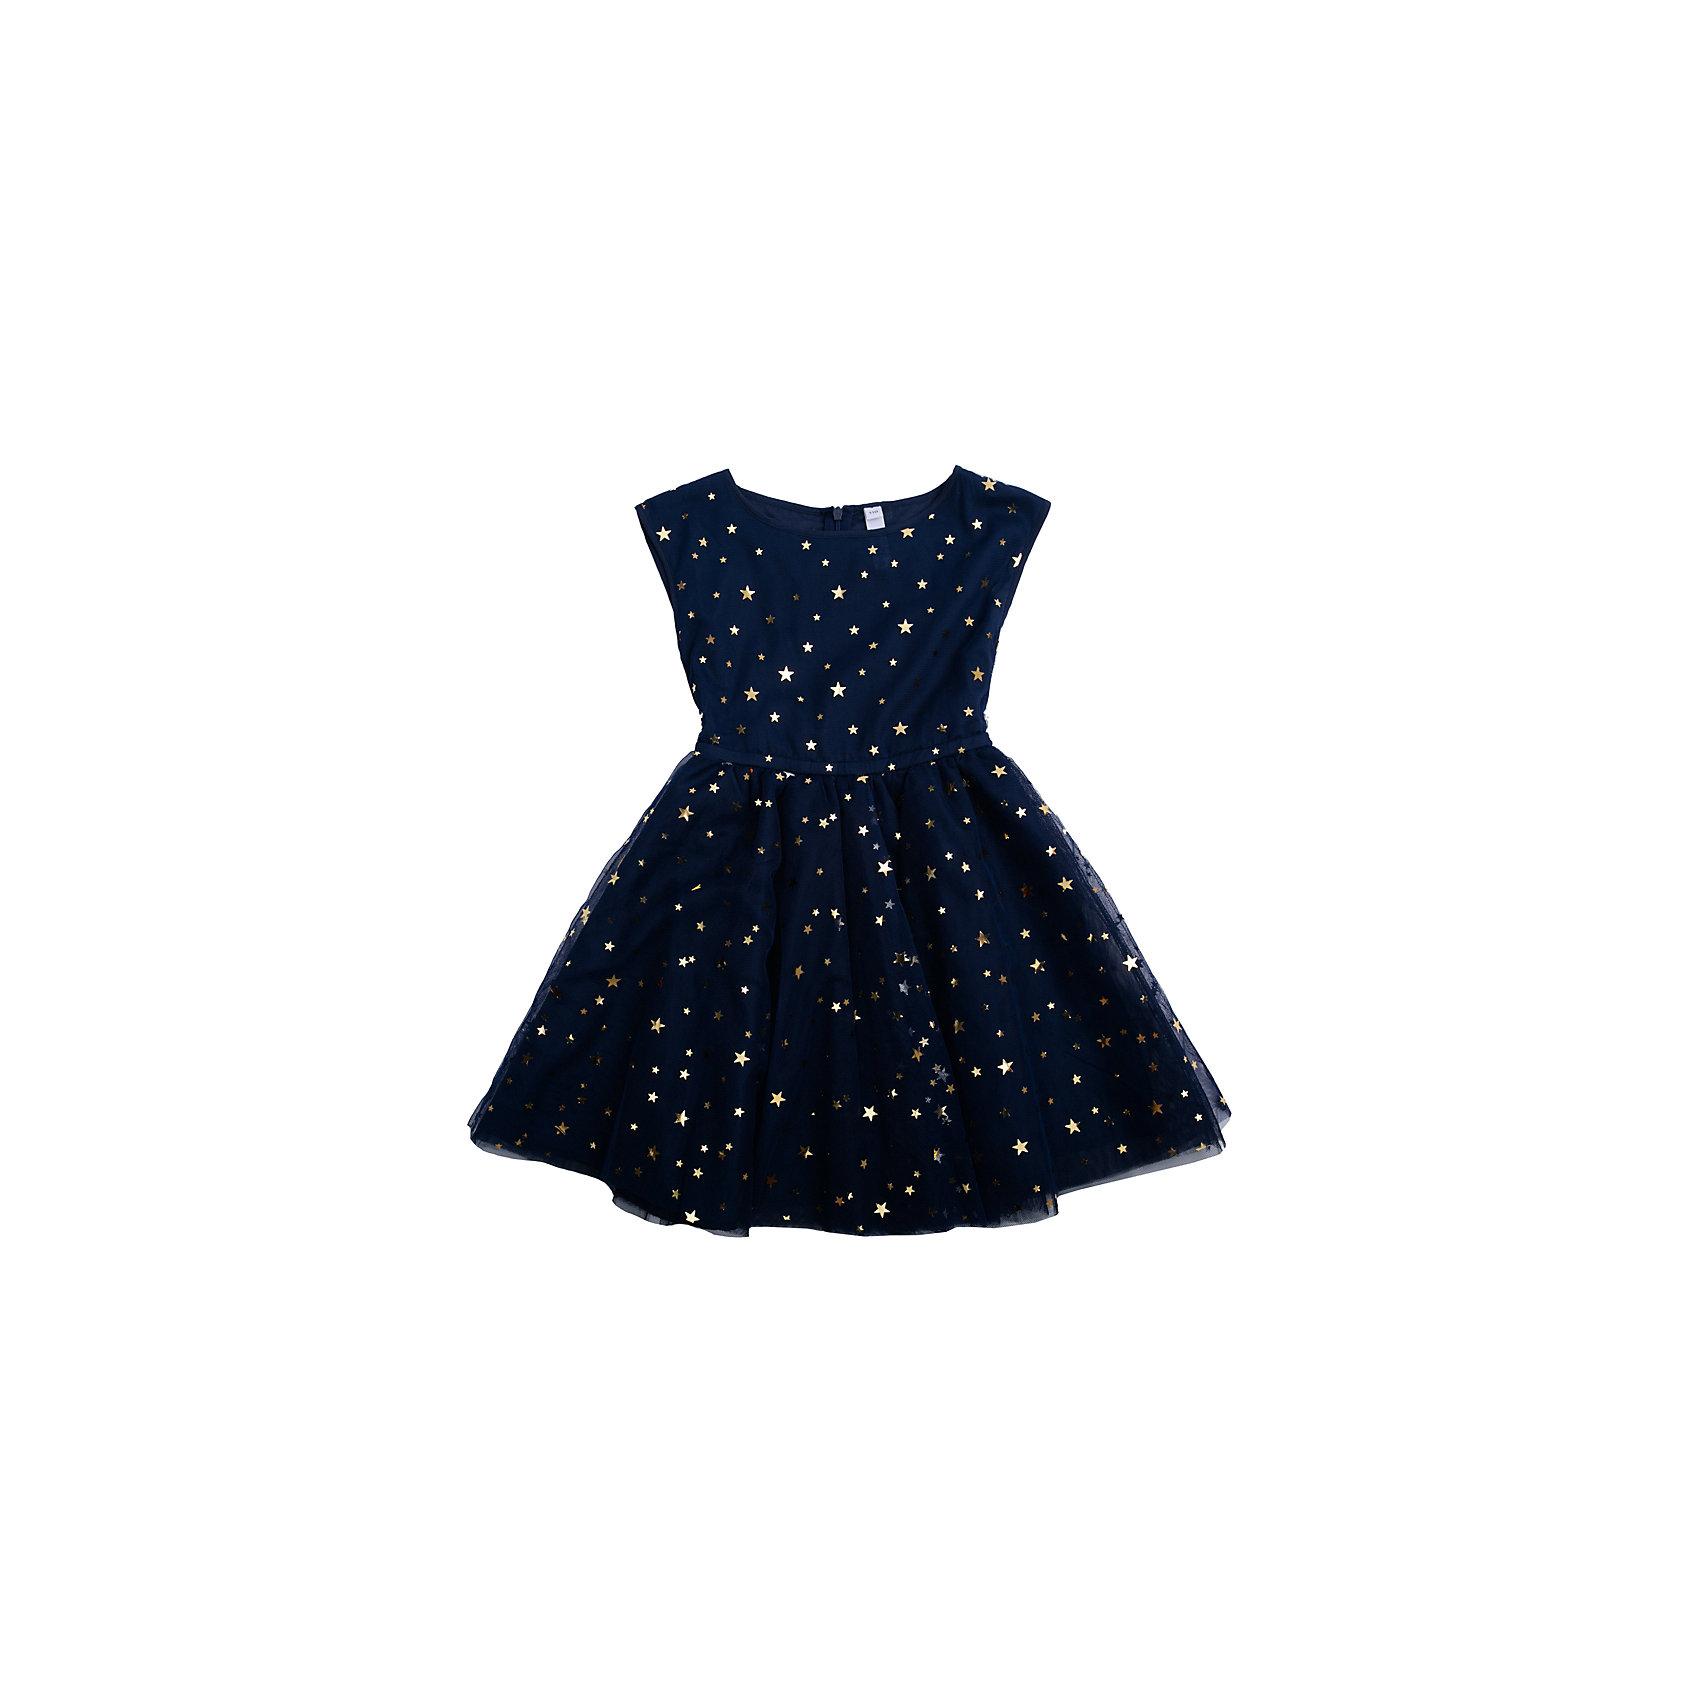 Нарядное платье для девочки PlayTodayОдежда<br>Платье для девочки от известного бренда PlayToday.<br>Платье без рукавов.<br><br>Верх выполнен из легкого сетчатого материала, хлопковая подкладка обеспечивает максимальное удобство. Украшено россыпью золотистых пайеток в форме звезд.<br>Состав:<br>Верх: 100% полиэстер, Подкладка: 100% хлопок<br><br>Ширина мм: 236<br>Глубина мм: 16<br>Высота мм: 184<br>Вес г: 177<br>Цвет: синий<br>Возраст от месяцев: 24<br>Возраст до месяцев: 36<br>Пол: Женский<br>Возраст: Детский<br>Размер: 98,122,104,128,110,116<br>SKU: 5113833